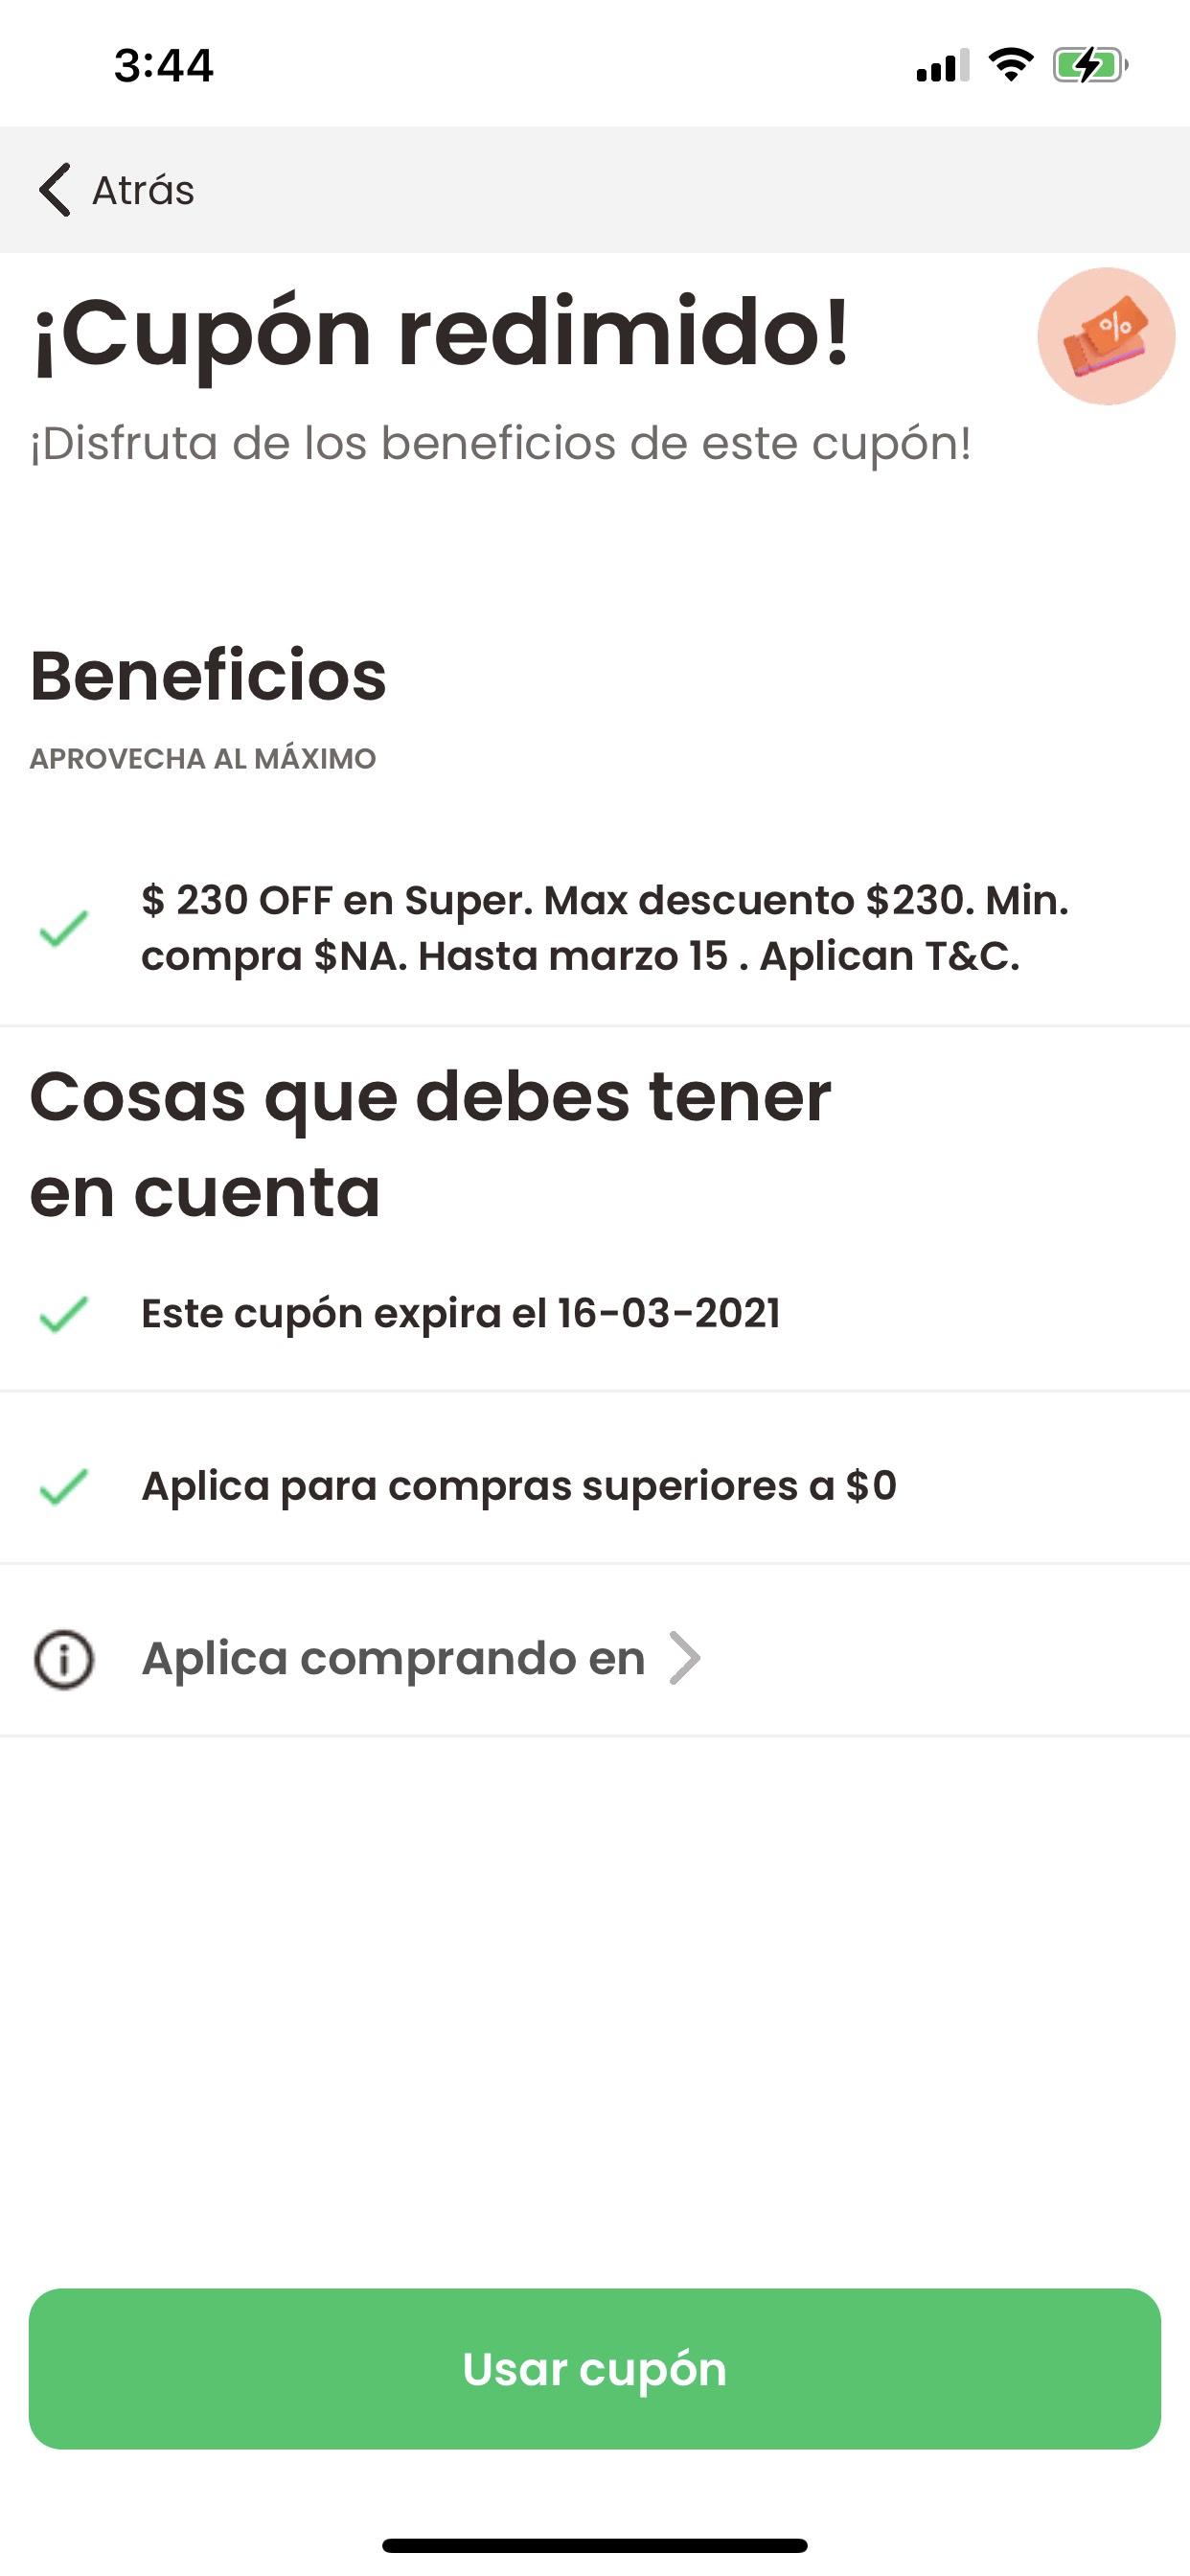 DESCUENTO EN RAPPI DE $230 EN SUPER